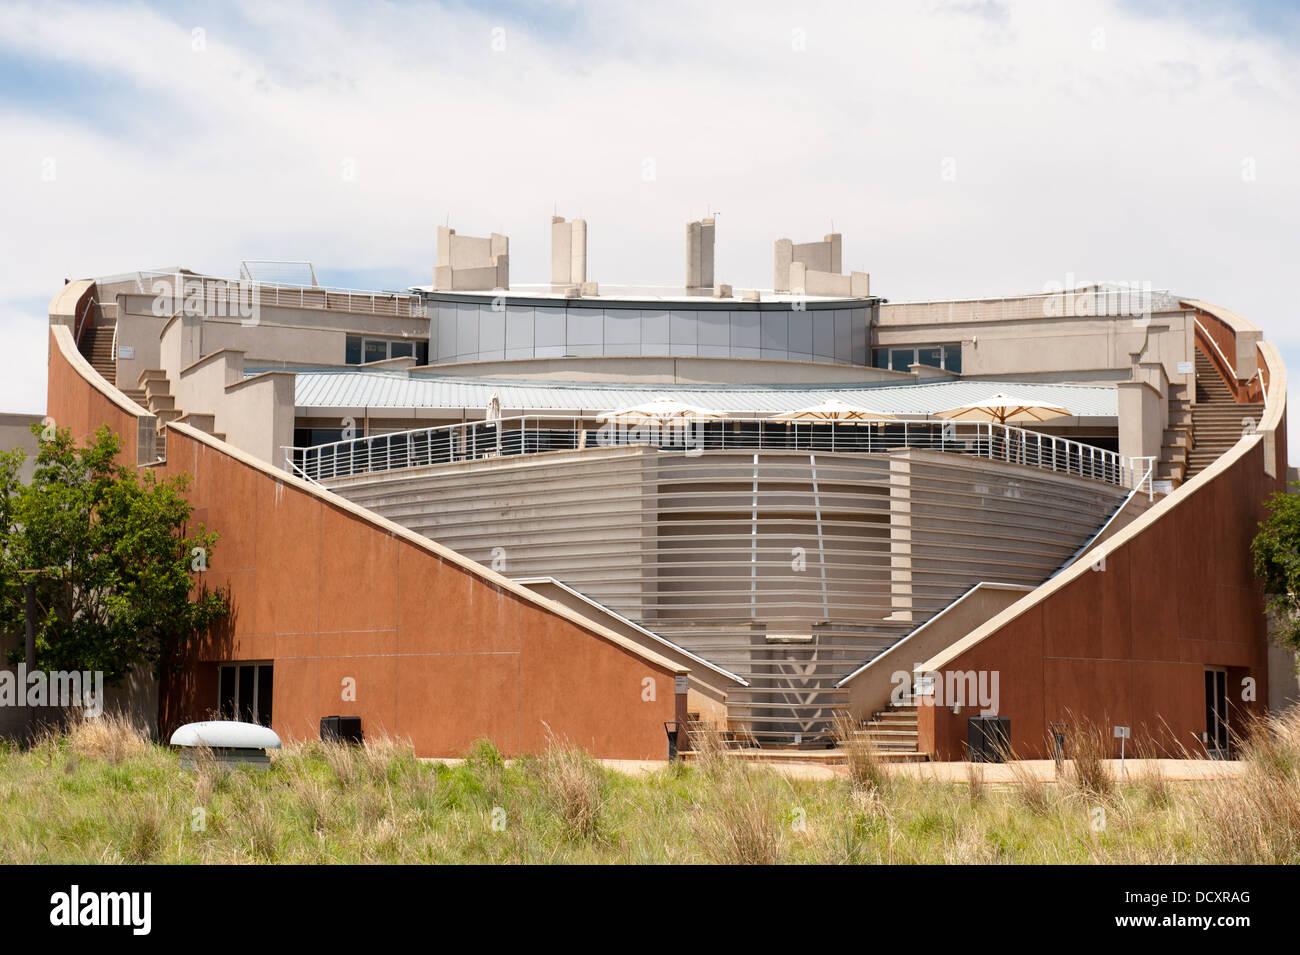 Maropeng Visitor Centre en la cuna de la humanidad, cerca de Johannesburgo, Sudáfrica Imagen De Stock